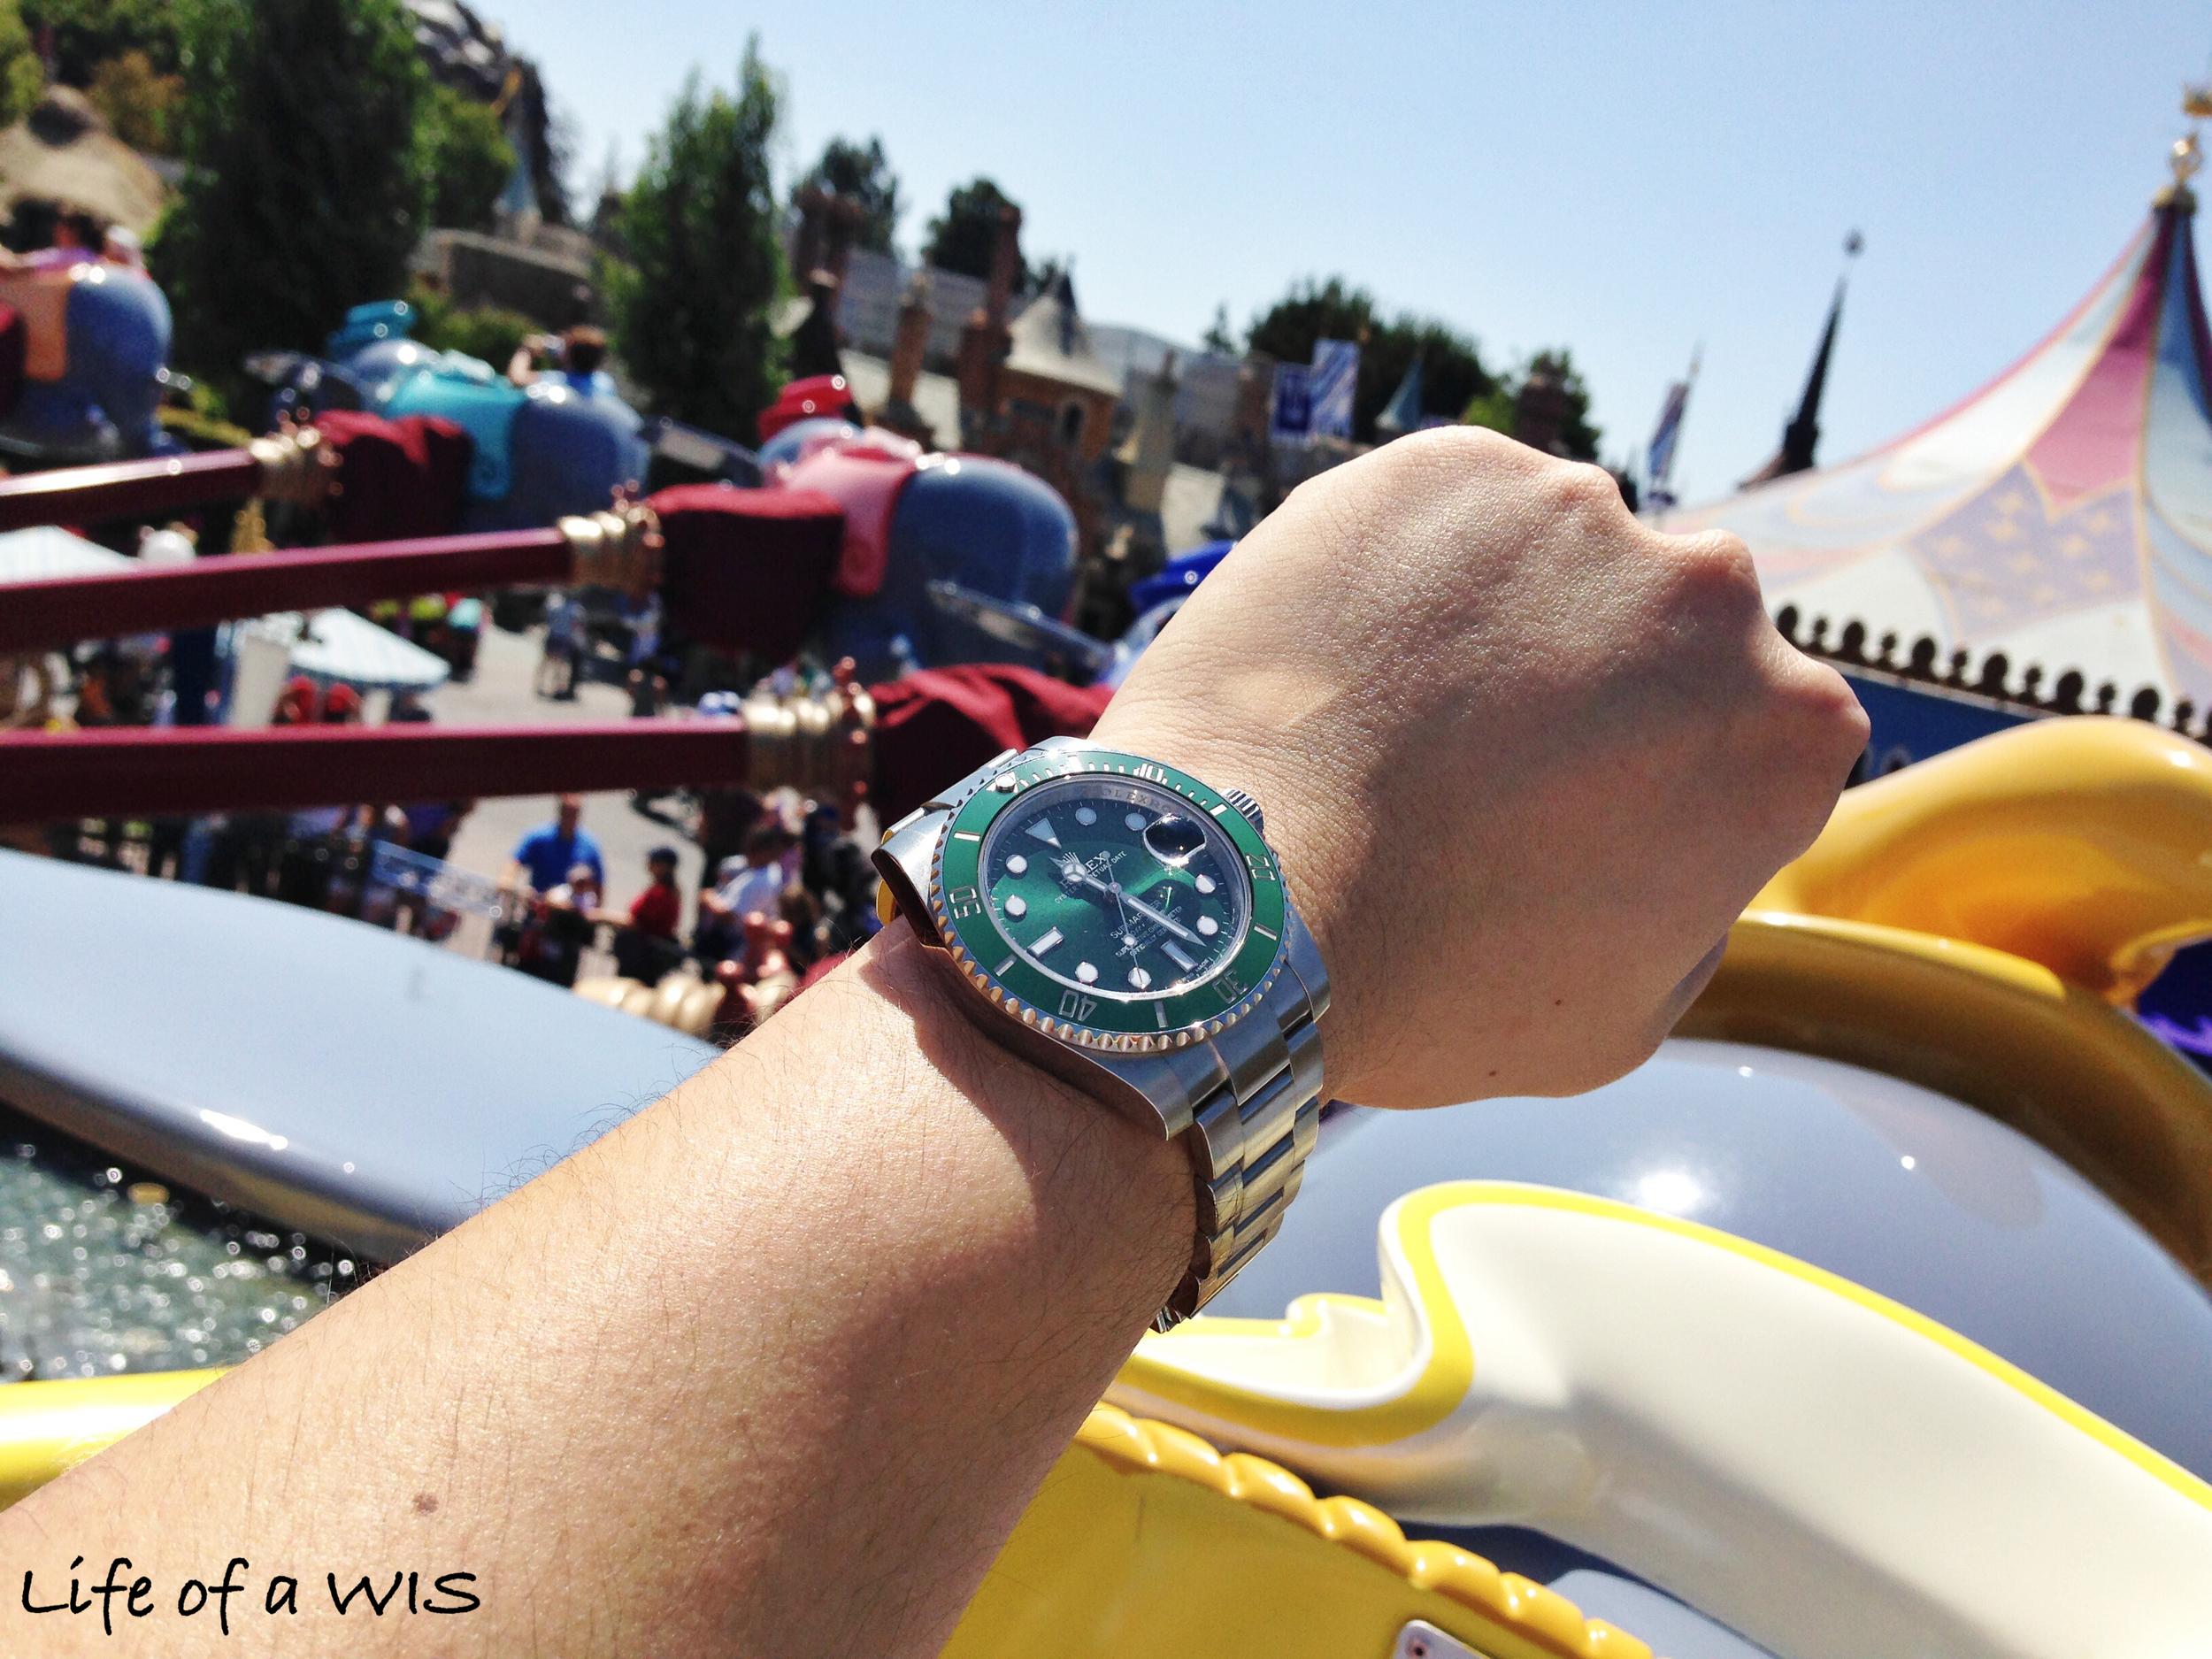 Same ride, different watch.